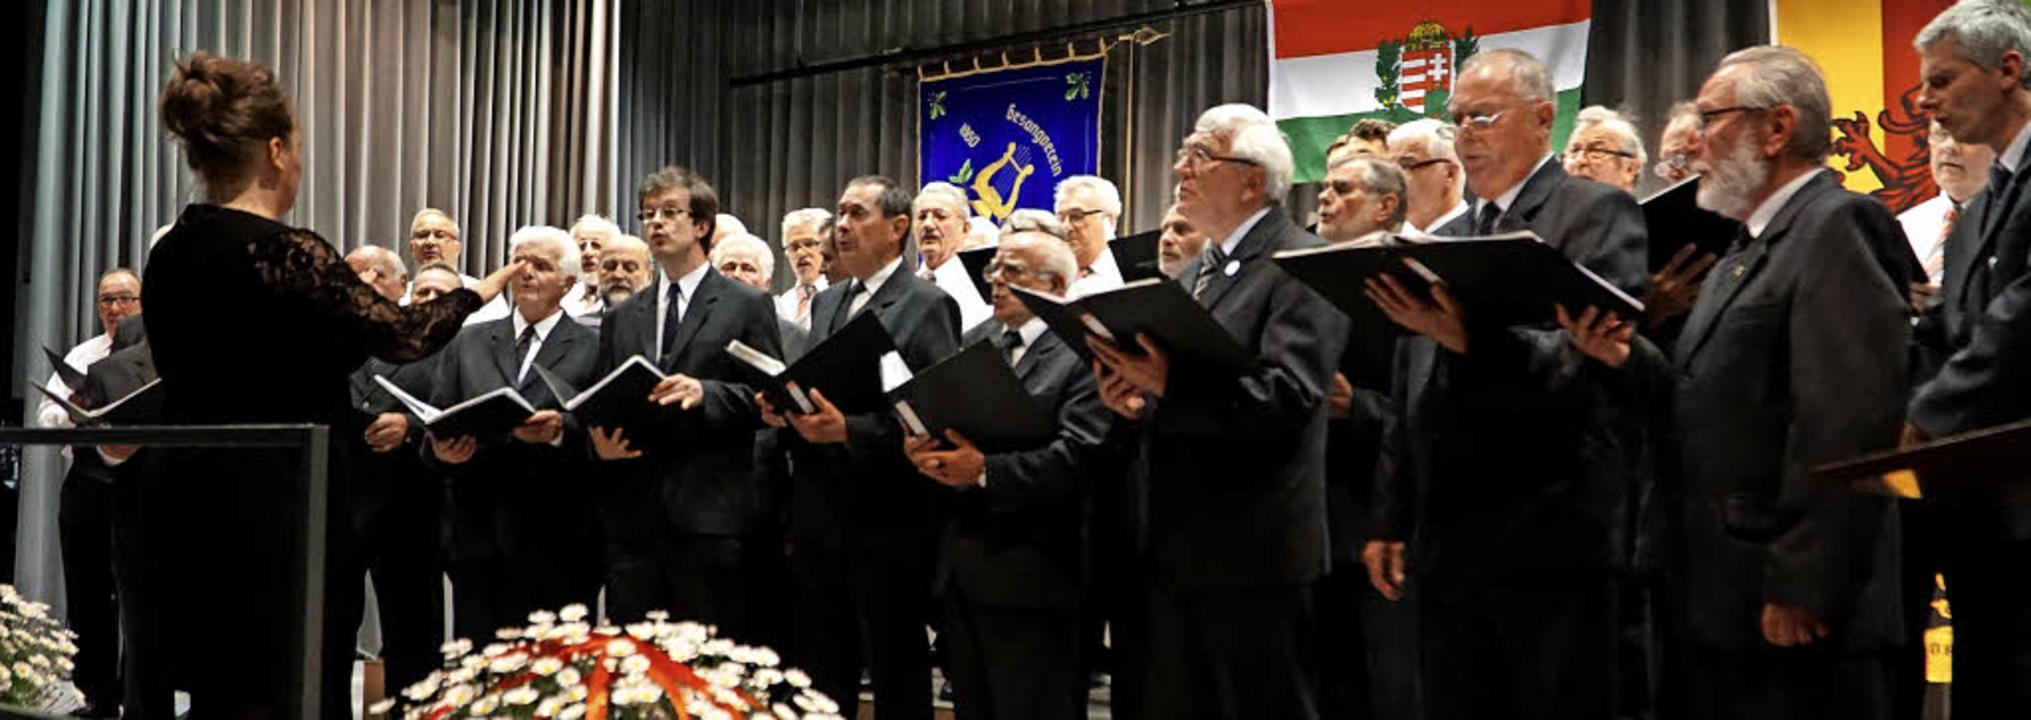 Chorkonzert  Minseln  | Foto: Chris Rütschlin